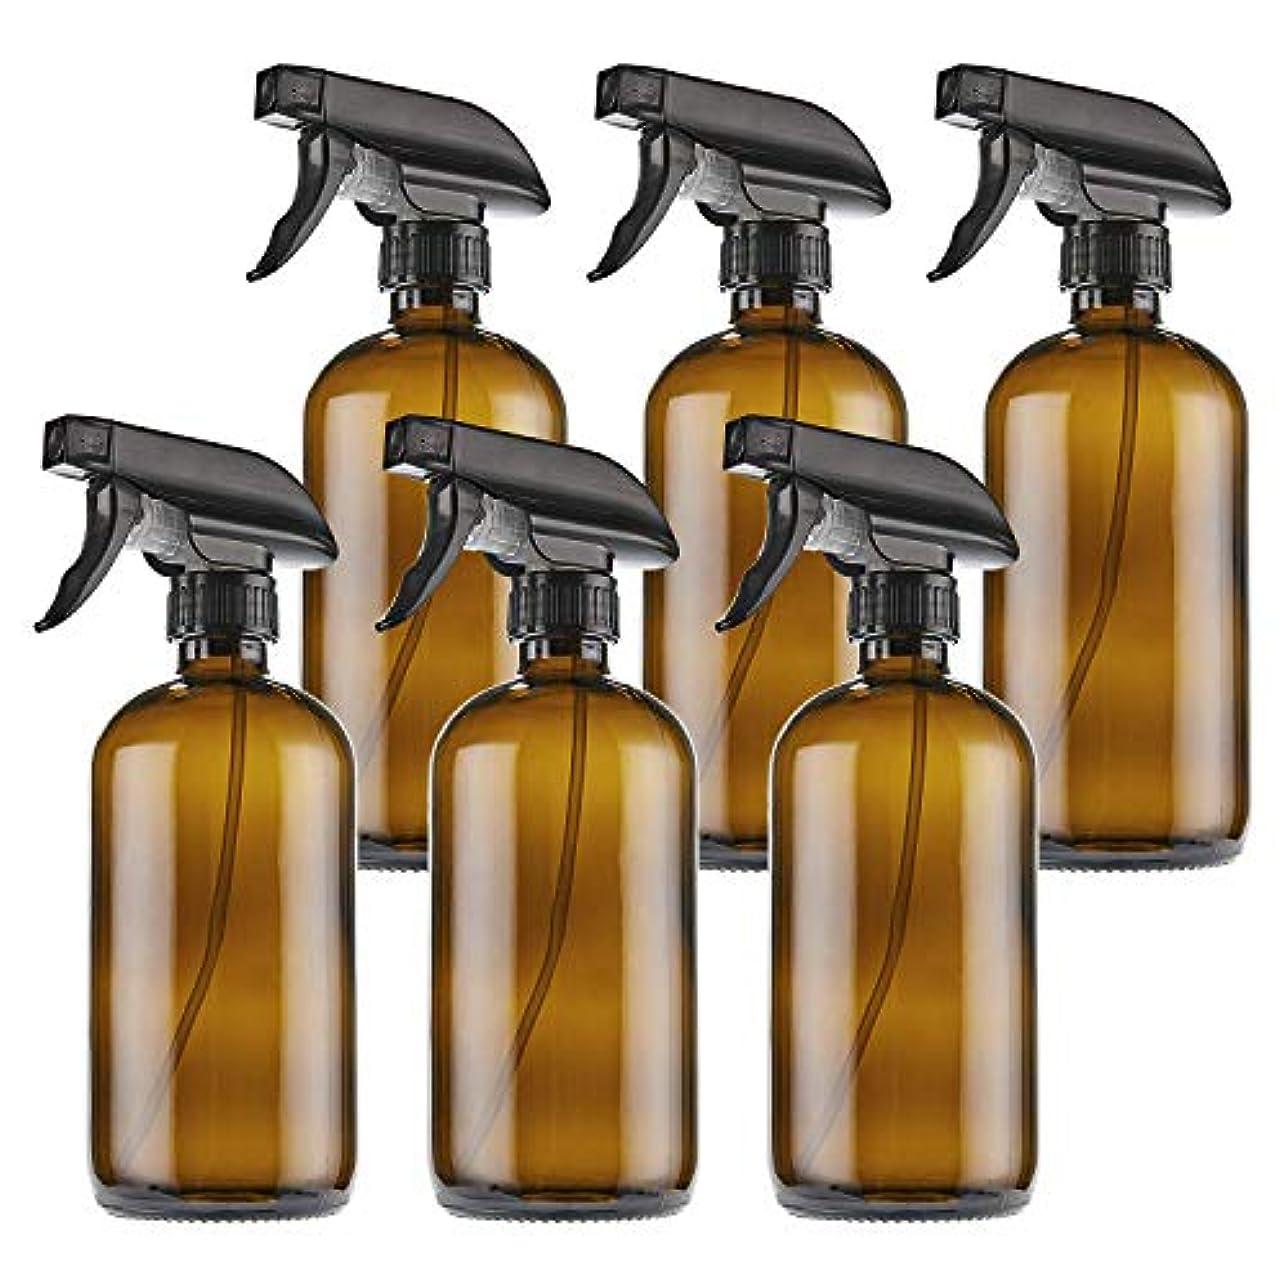 すべき契約混乱したTHETIS Homes トリガースプレーキャップを持つ16オンス空 琥珀ボストンスプレーボトルや製品部屋 やアロマセラピーを清掃エッセンシャルオイル 用 ガラスびん ラベル 6パック